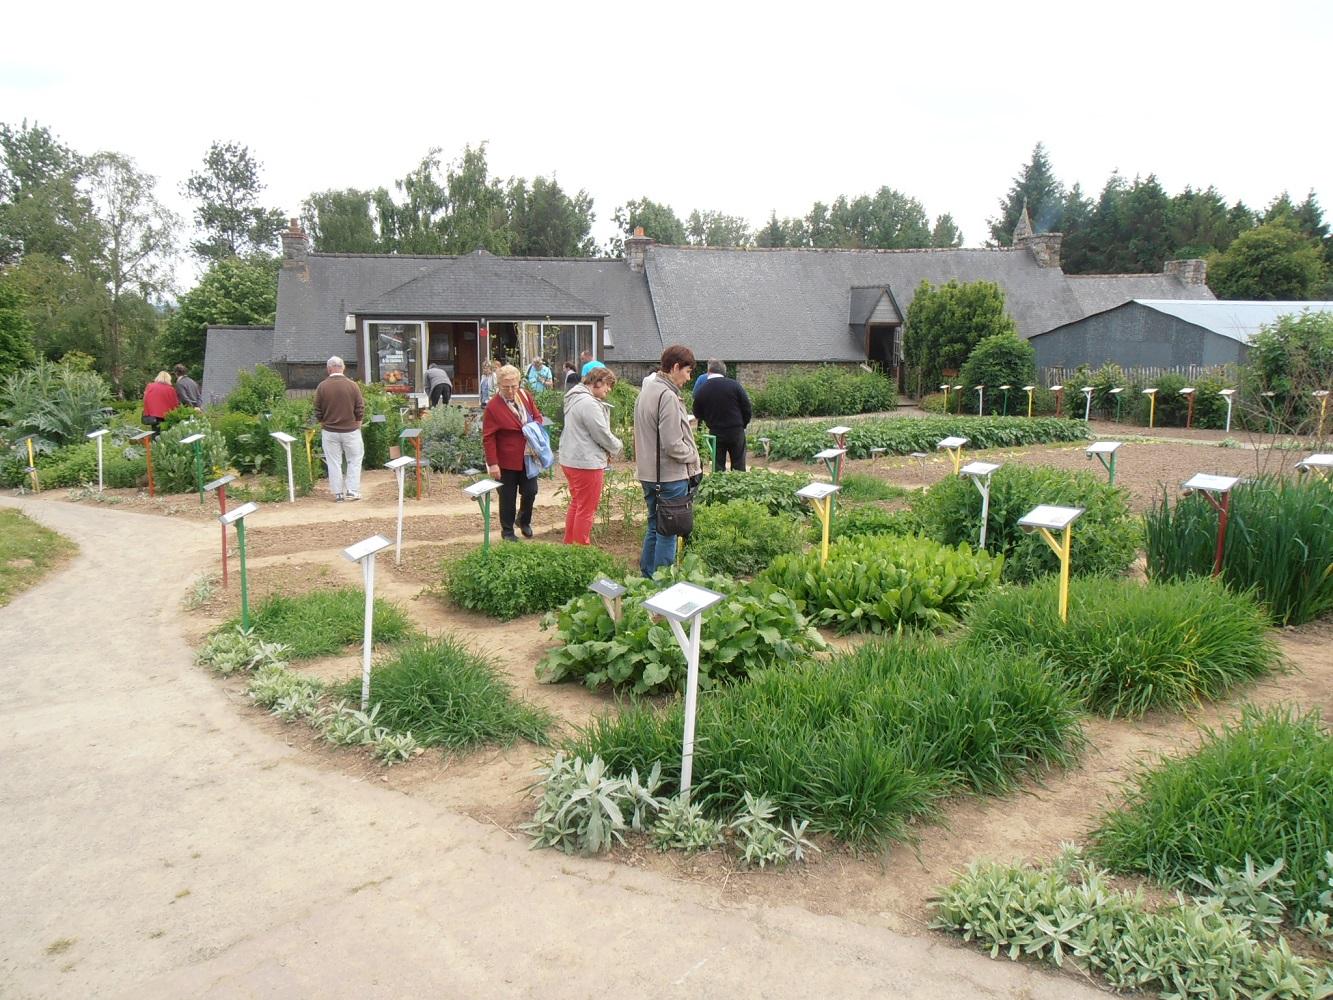 bienvenue dans mon jardin portes ouvertes la ferme d 39 antanla ferme d 39 antan. Black Bedroom Furniture Sets. Home Design Ideas